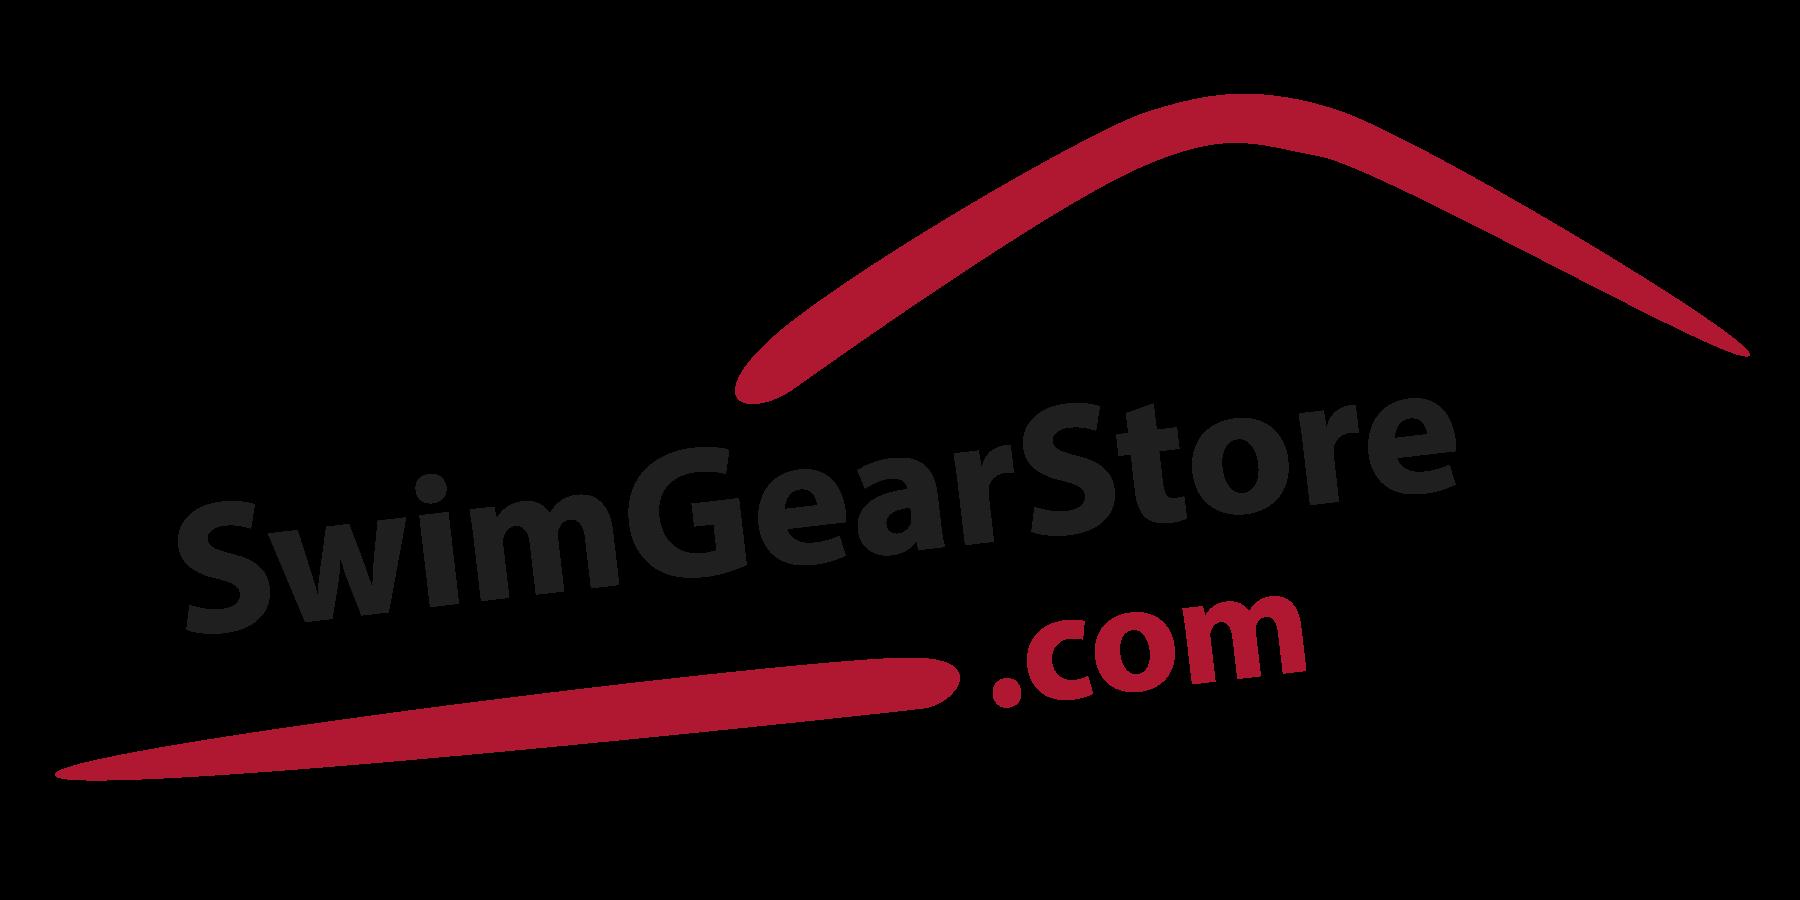 Swim Gear Store